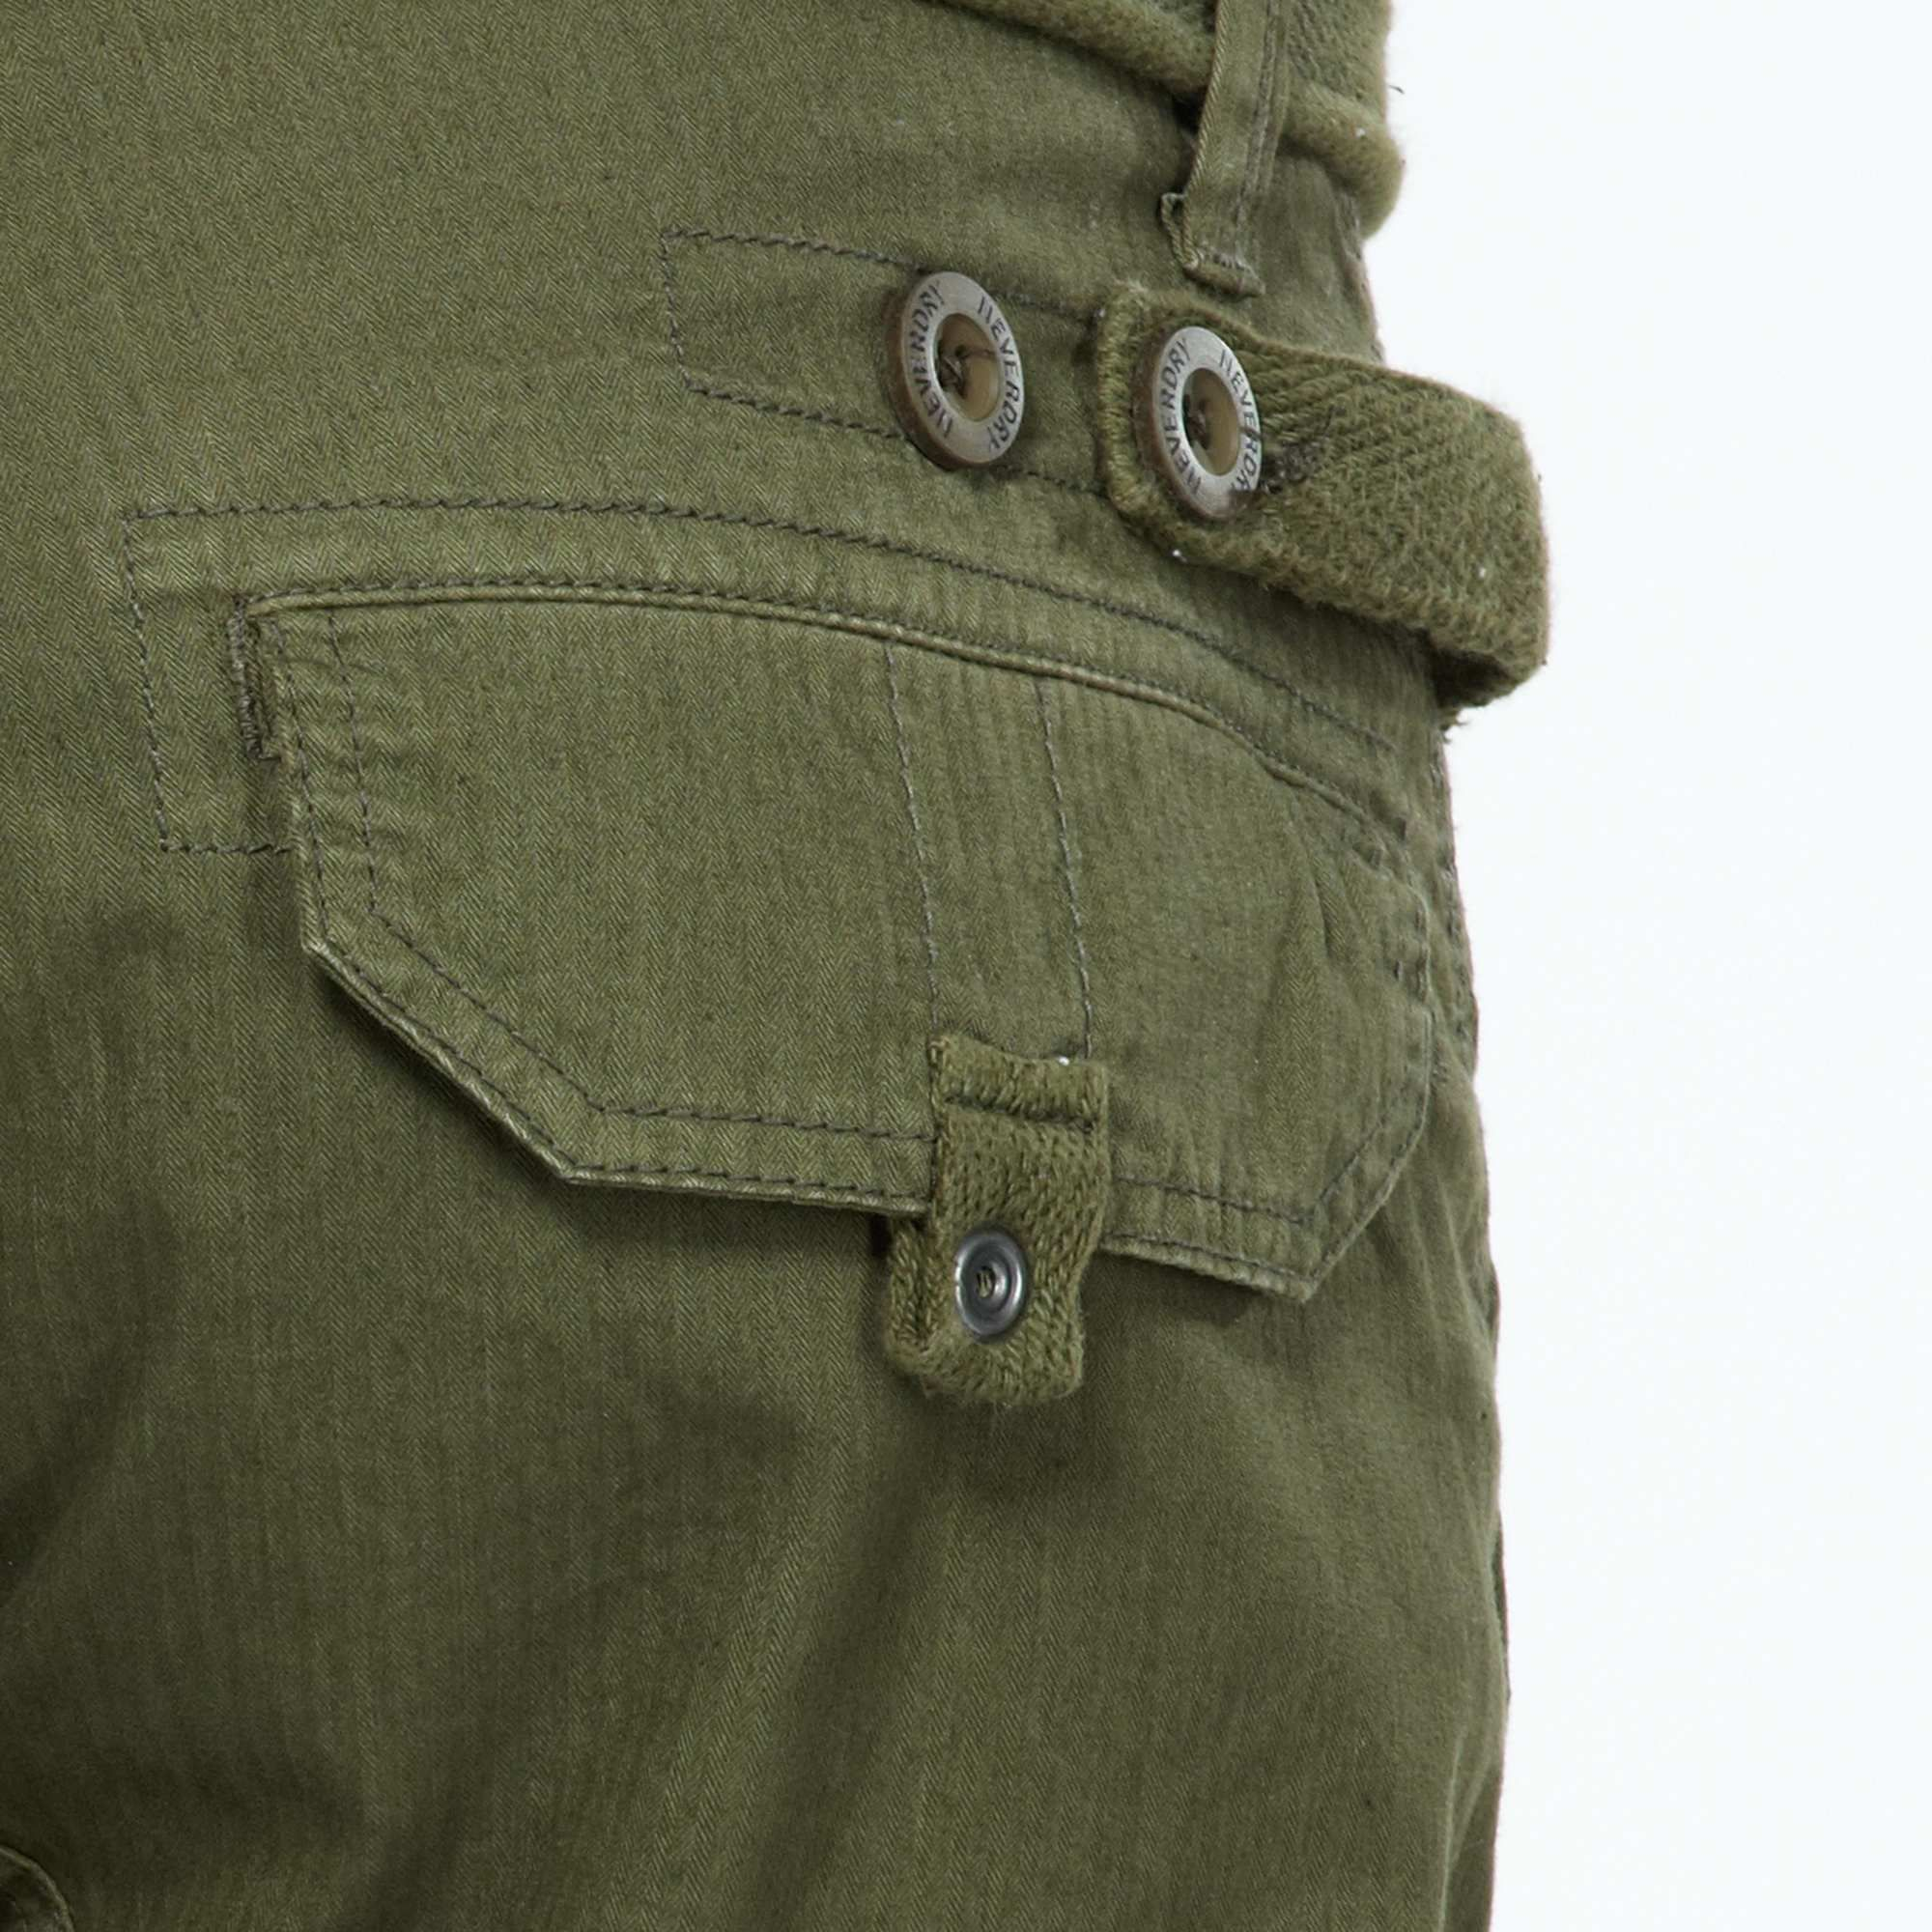 Pantalón tipo cargo 'Neverdry' + cinturón correa Hombre - Kiabi - 32,00€